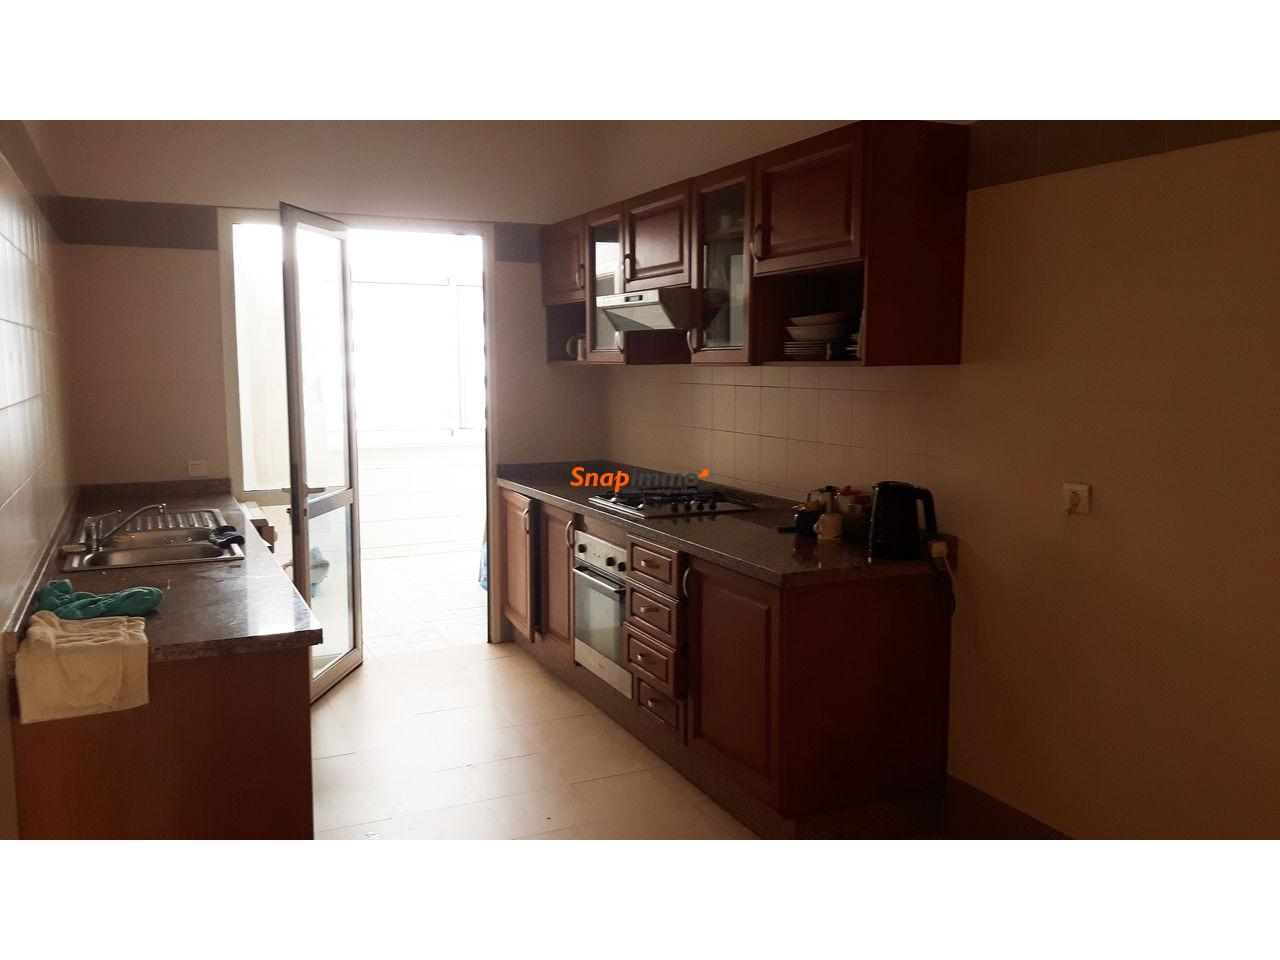 Appartement de 153 m2 à Rabat Hay Riad - 3/3